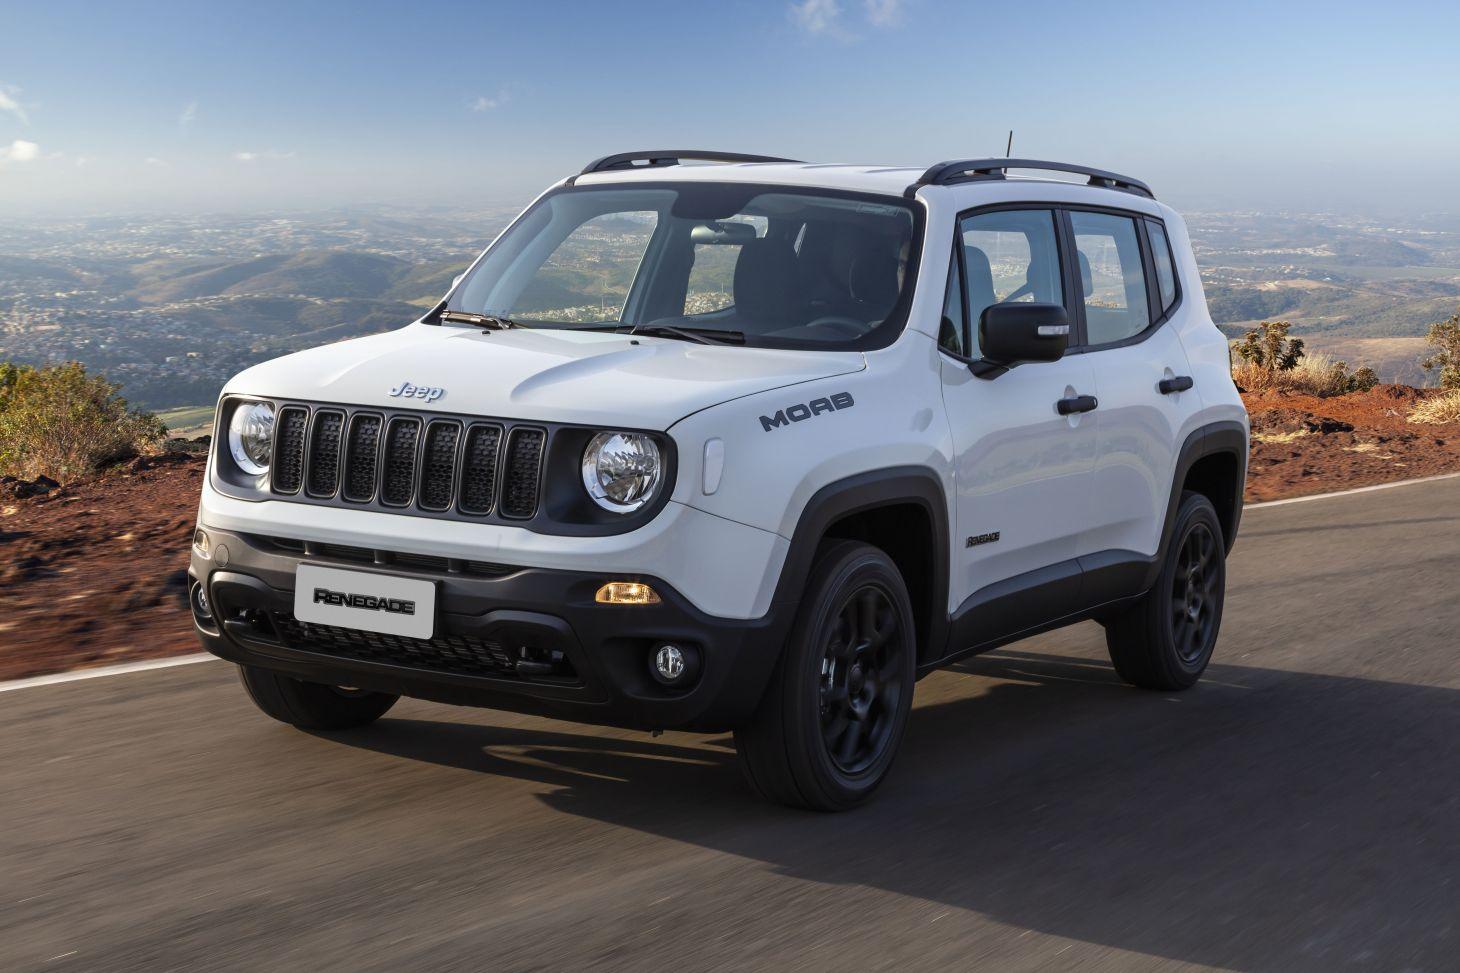 jeep renegade 2021 moab branco rodando em estrada